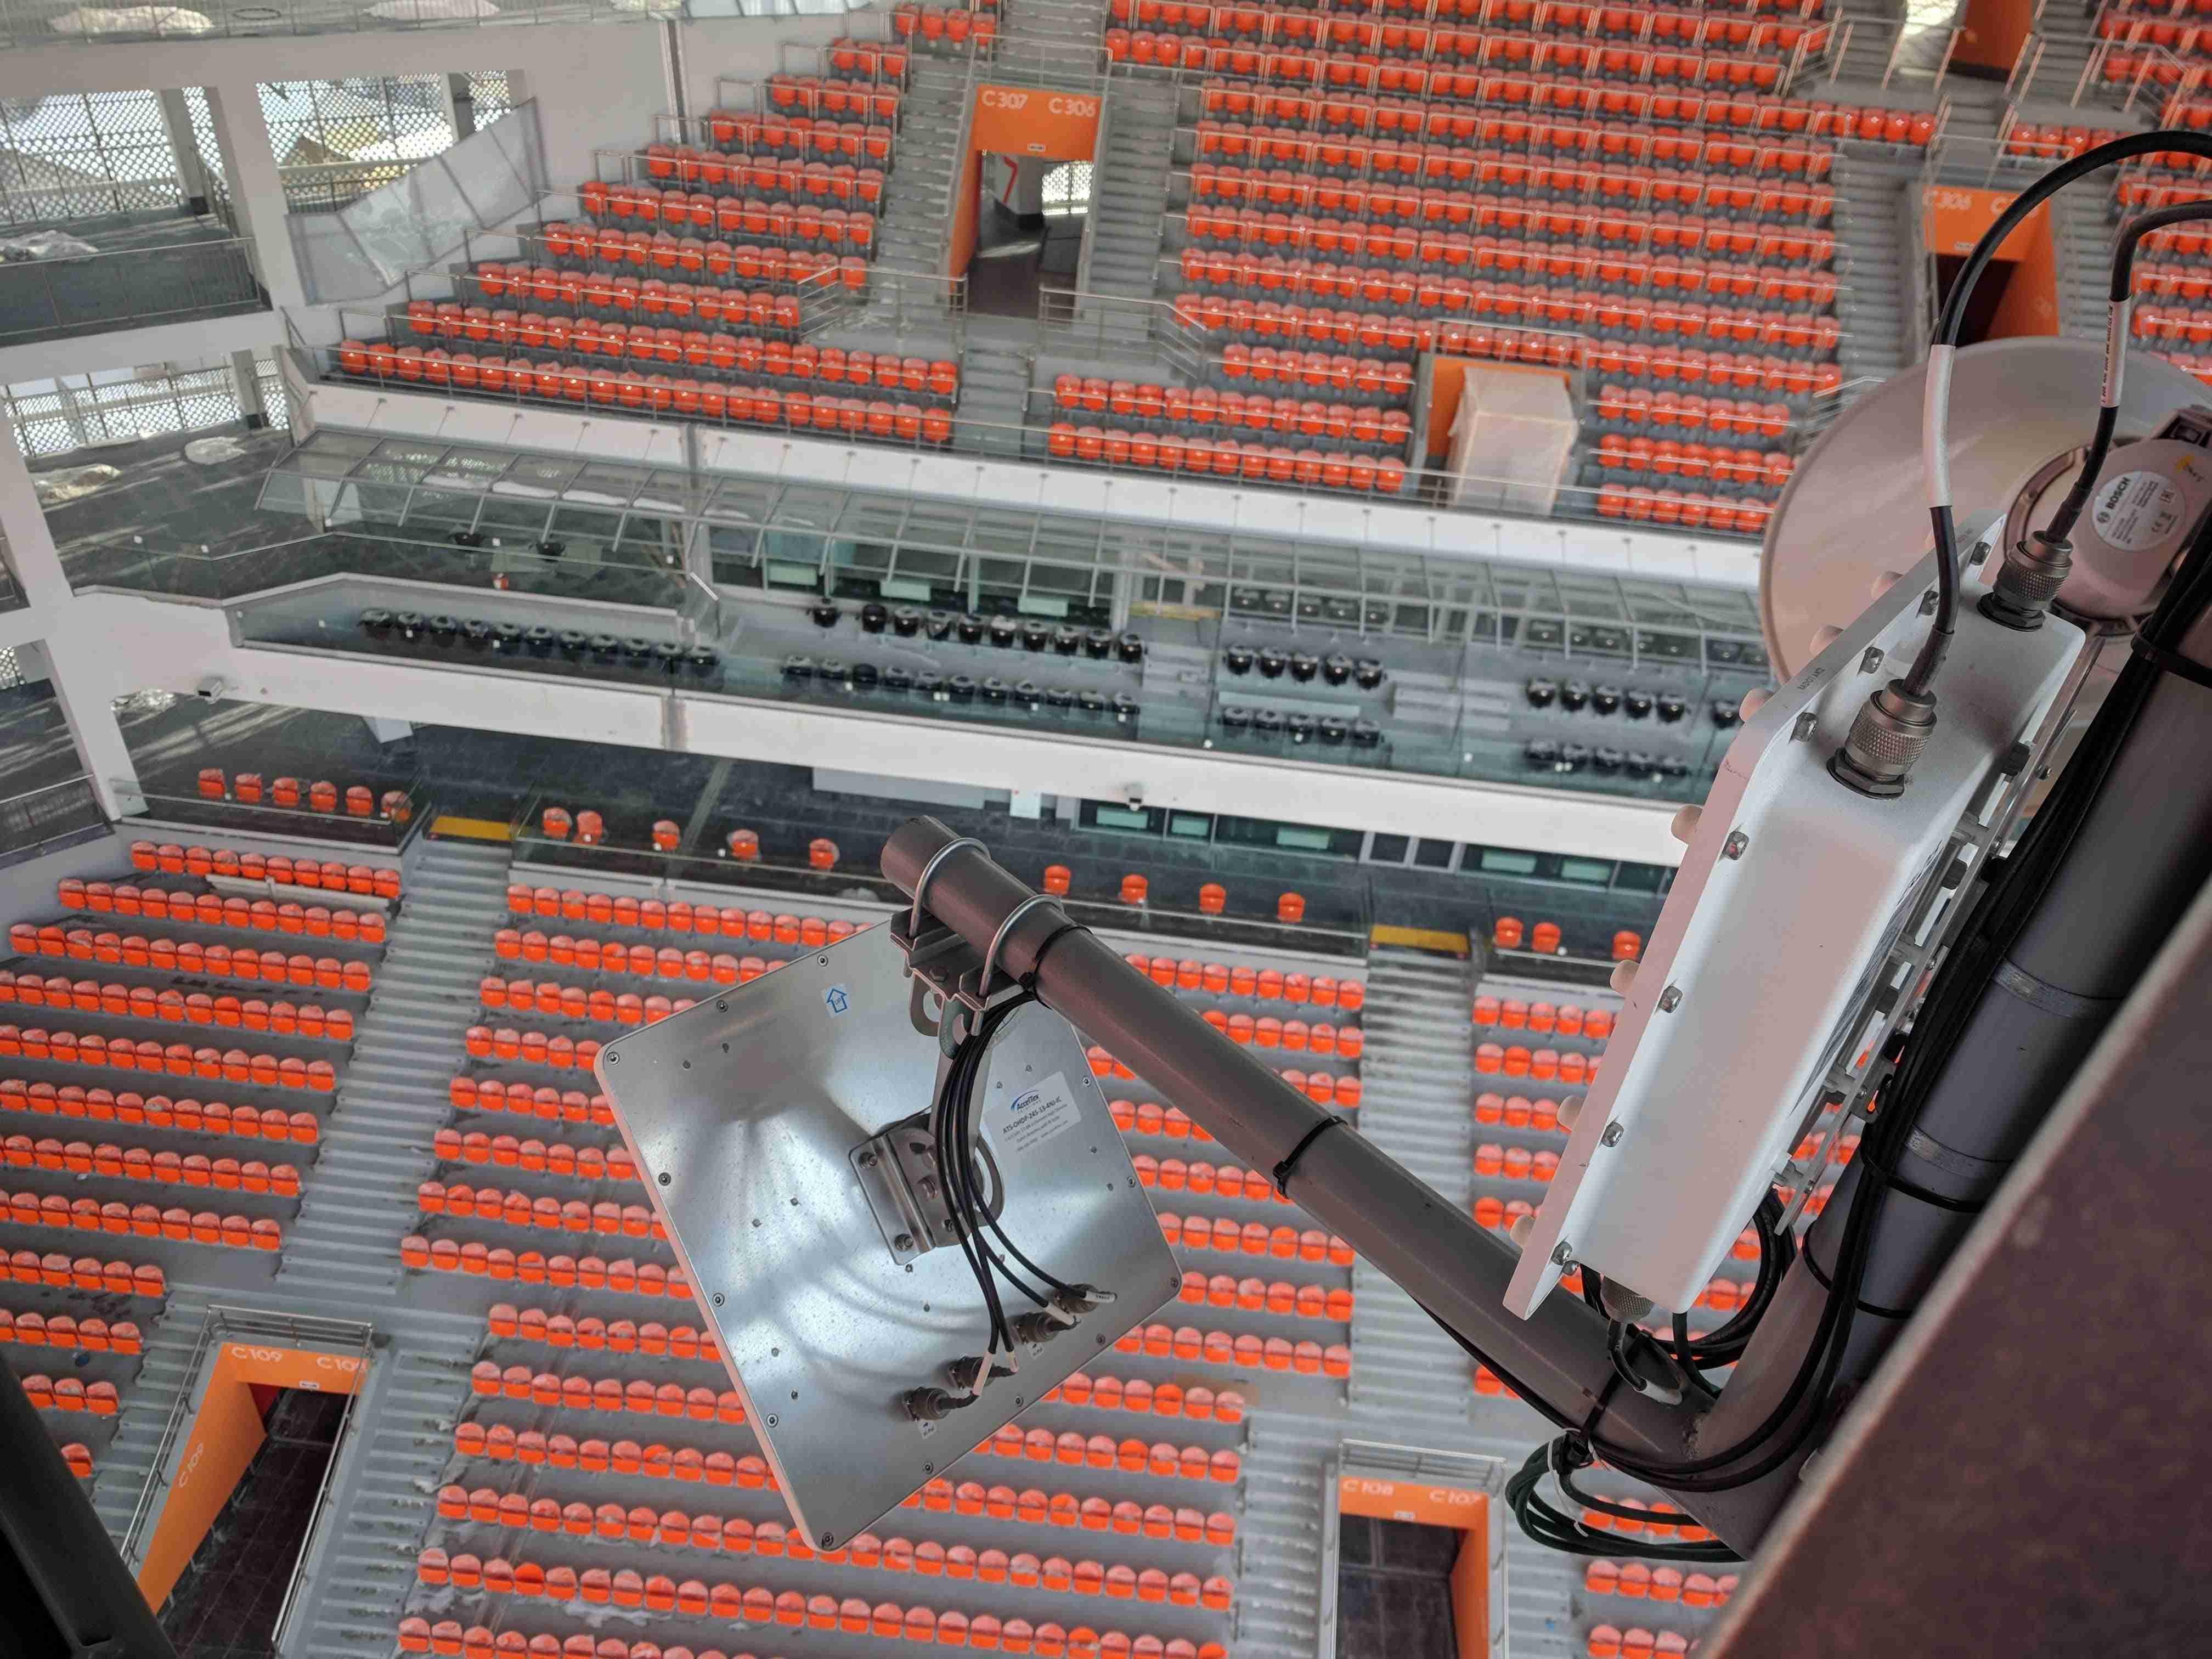 Телекоммуникации стадиона «Екатеринбург Арена»: 20 километров толстенного кабеля - 1